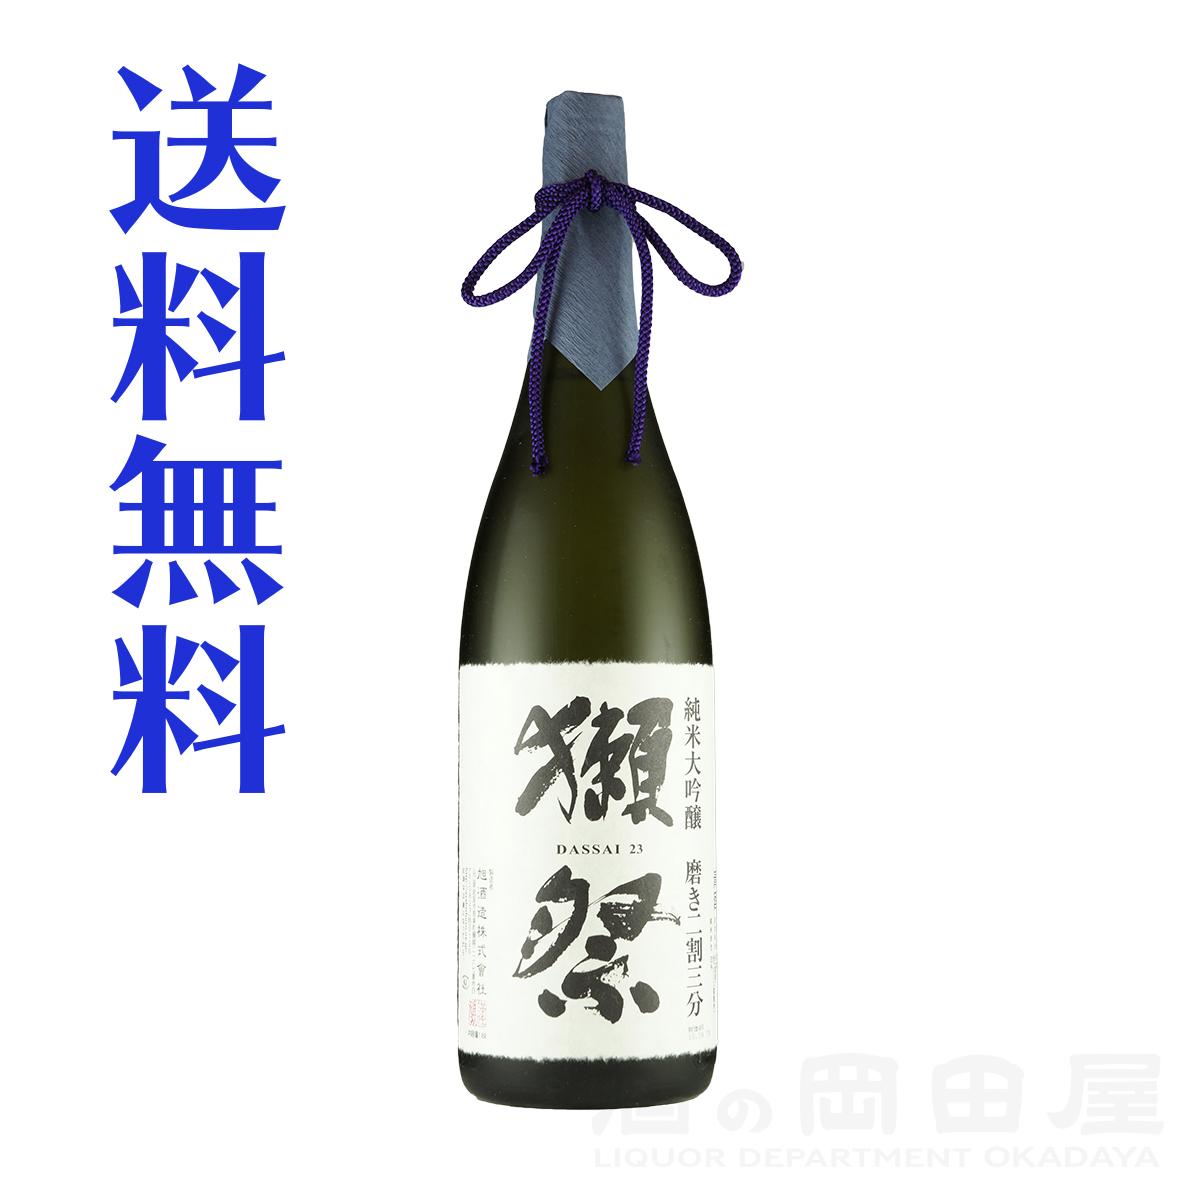 獺祭 だっさい 純米大吟醸 磨き二割三分 1800ml/1.8L 旭酒造 山口県 日本酒 地酒